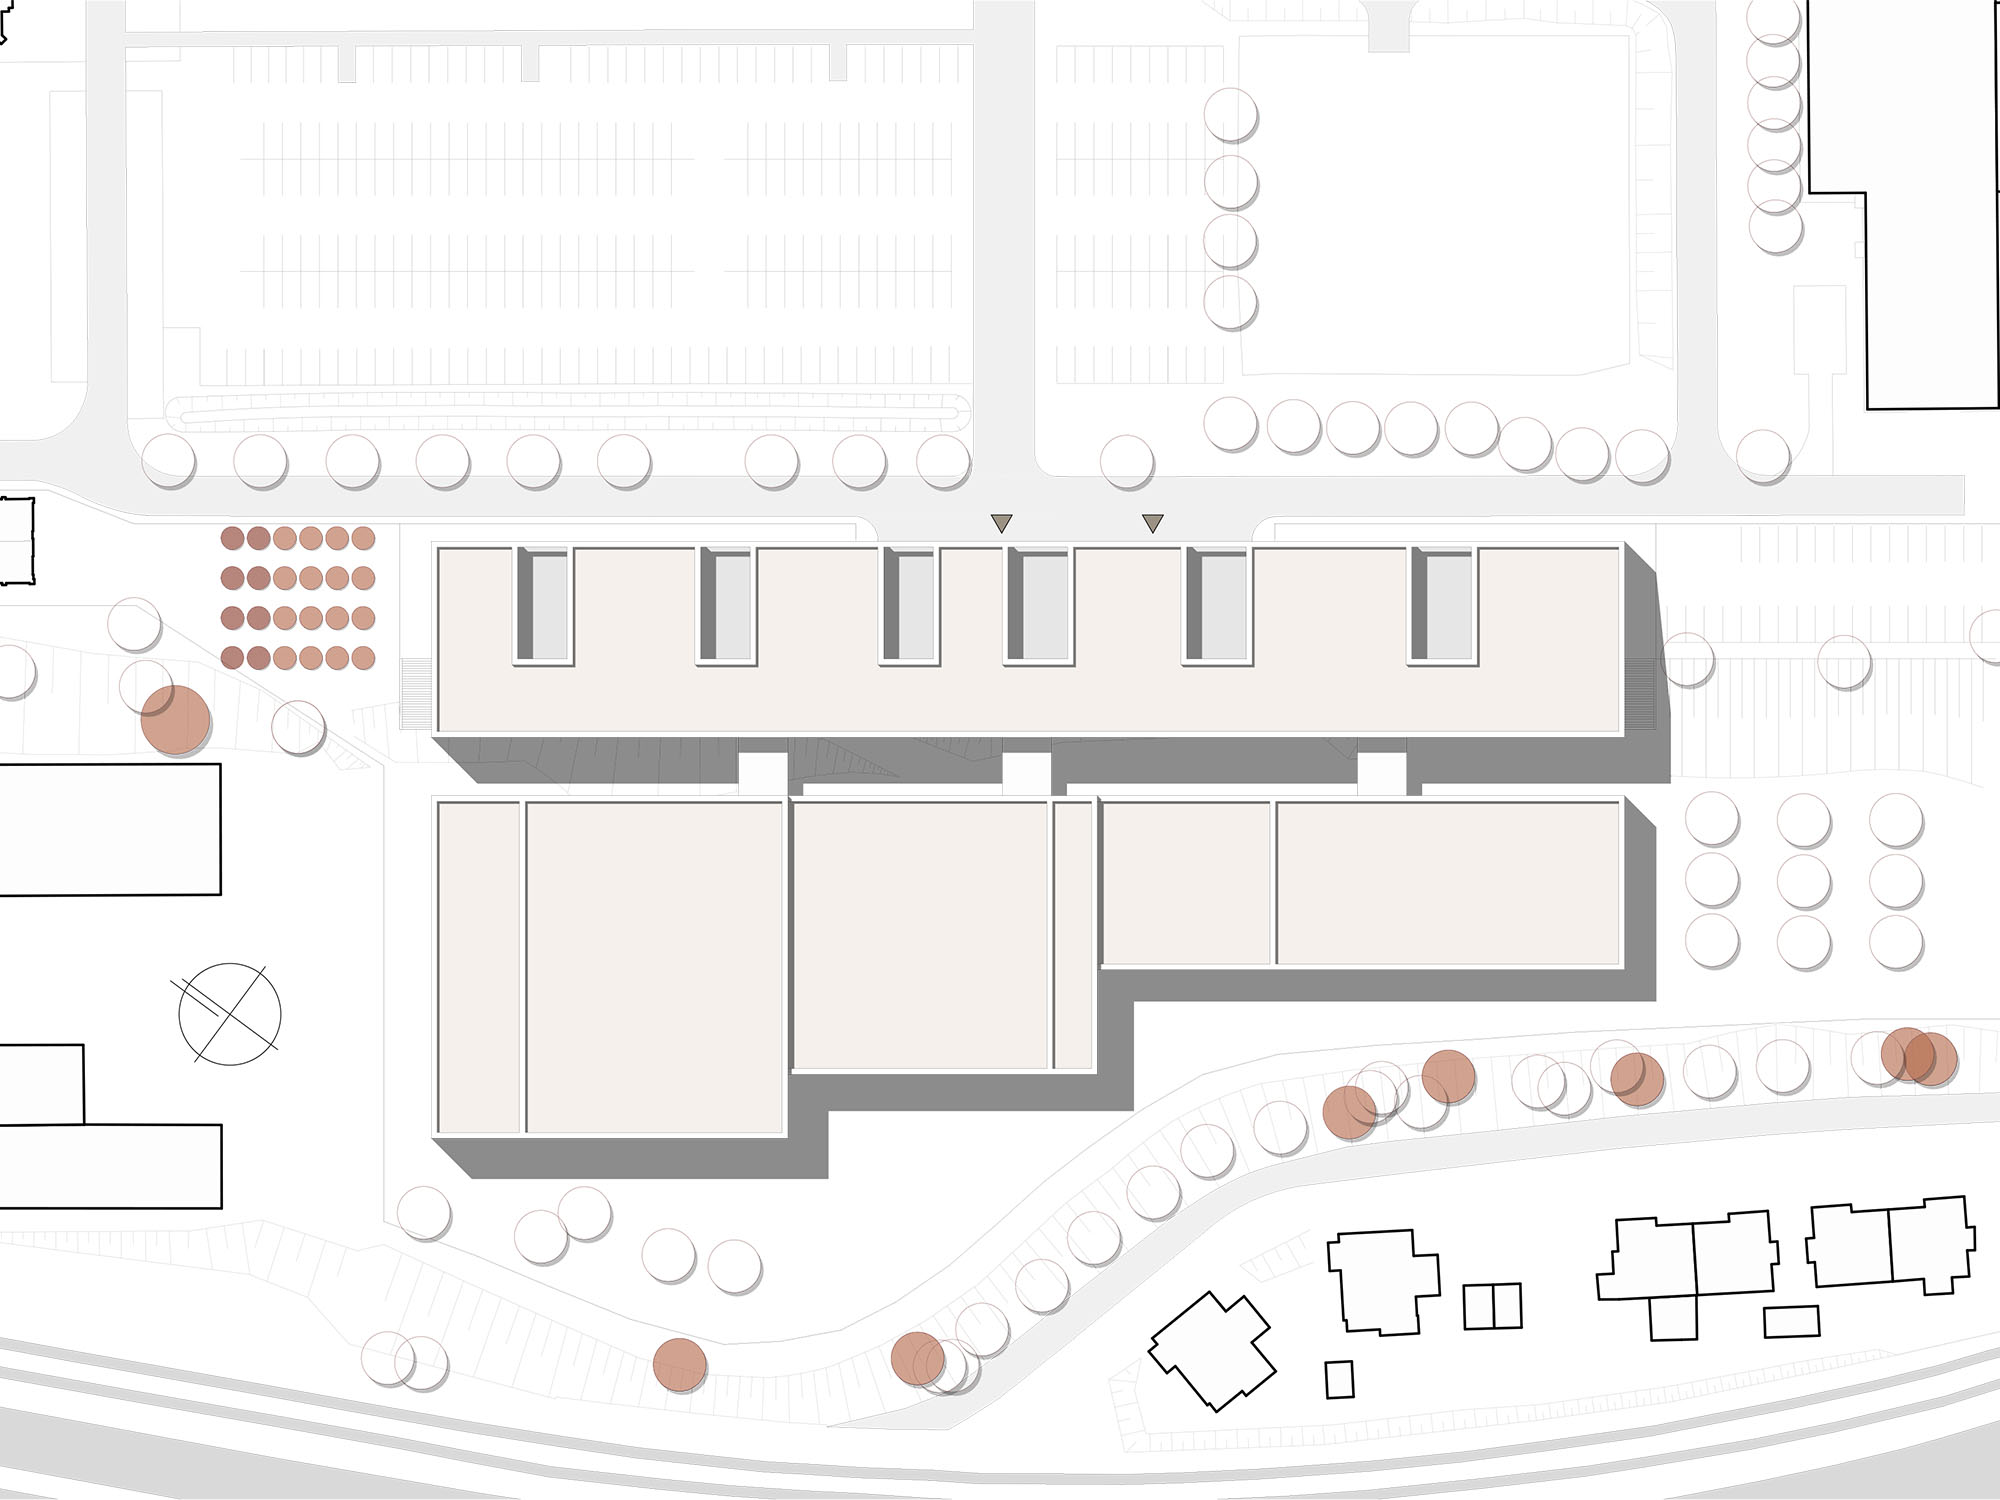 Depots und Werkstätten in der Landeshauptstadt Schwerin